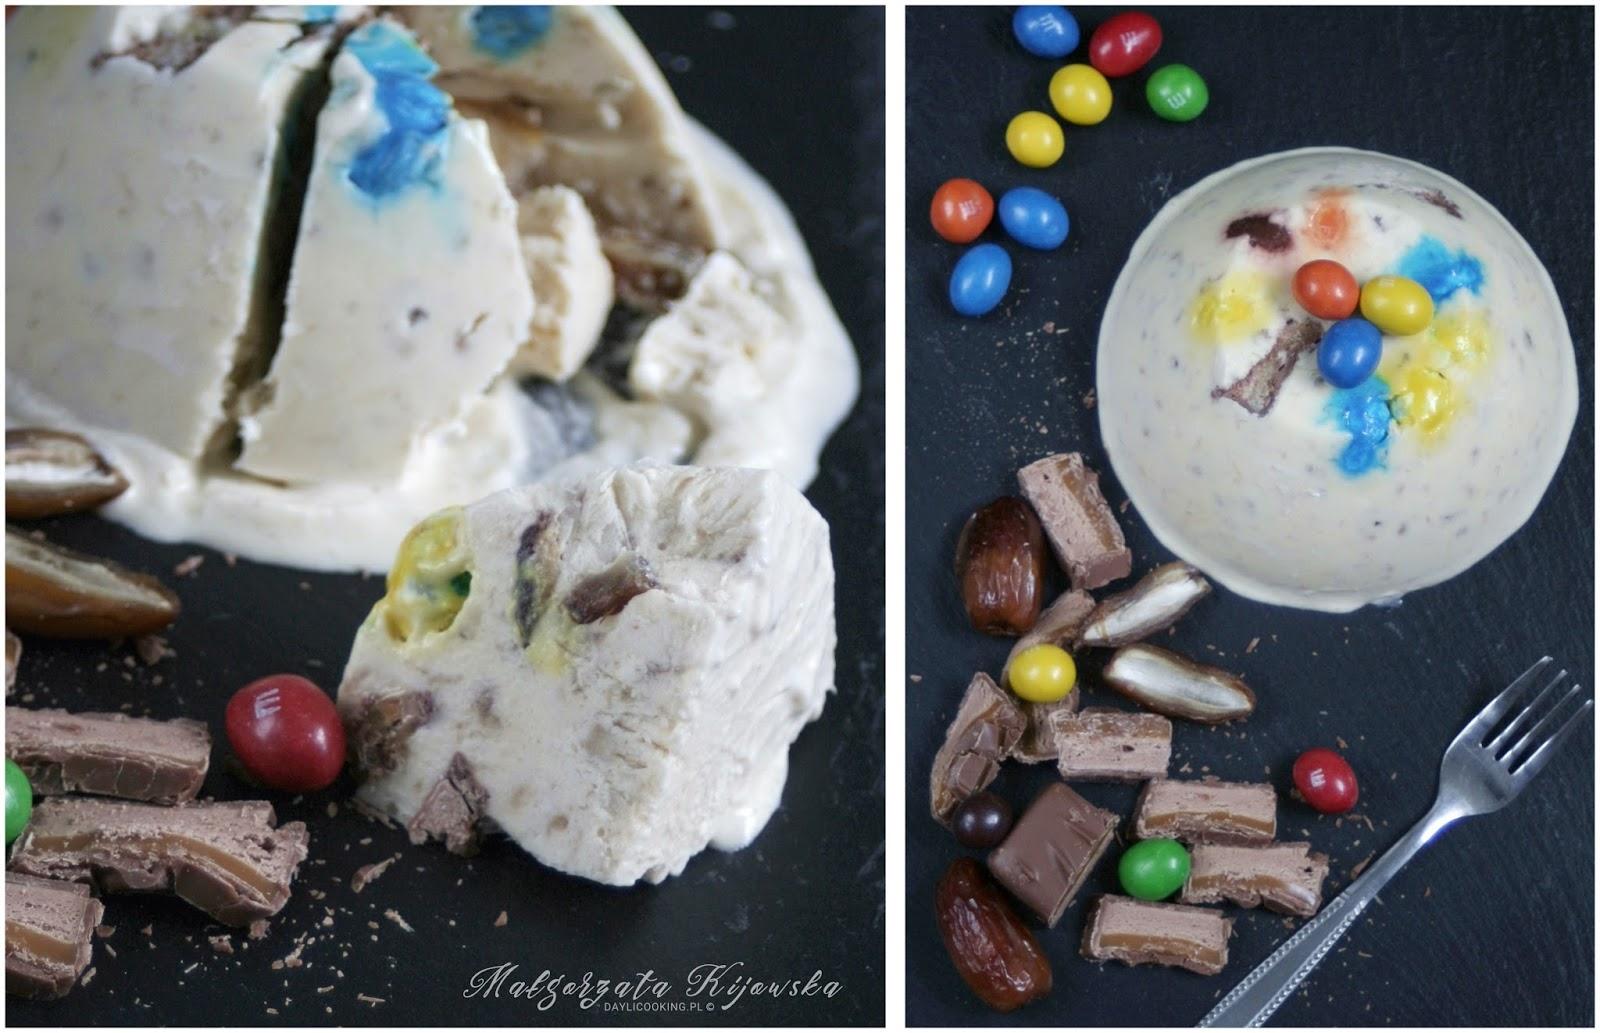 domowe lody, deser lodowy, daylicooking, Małgorzata Kijowska